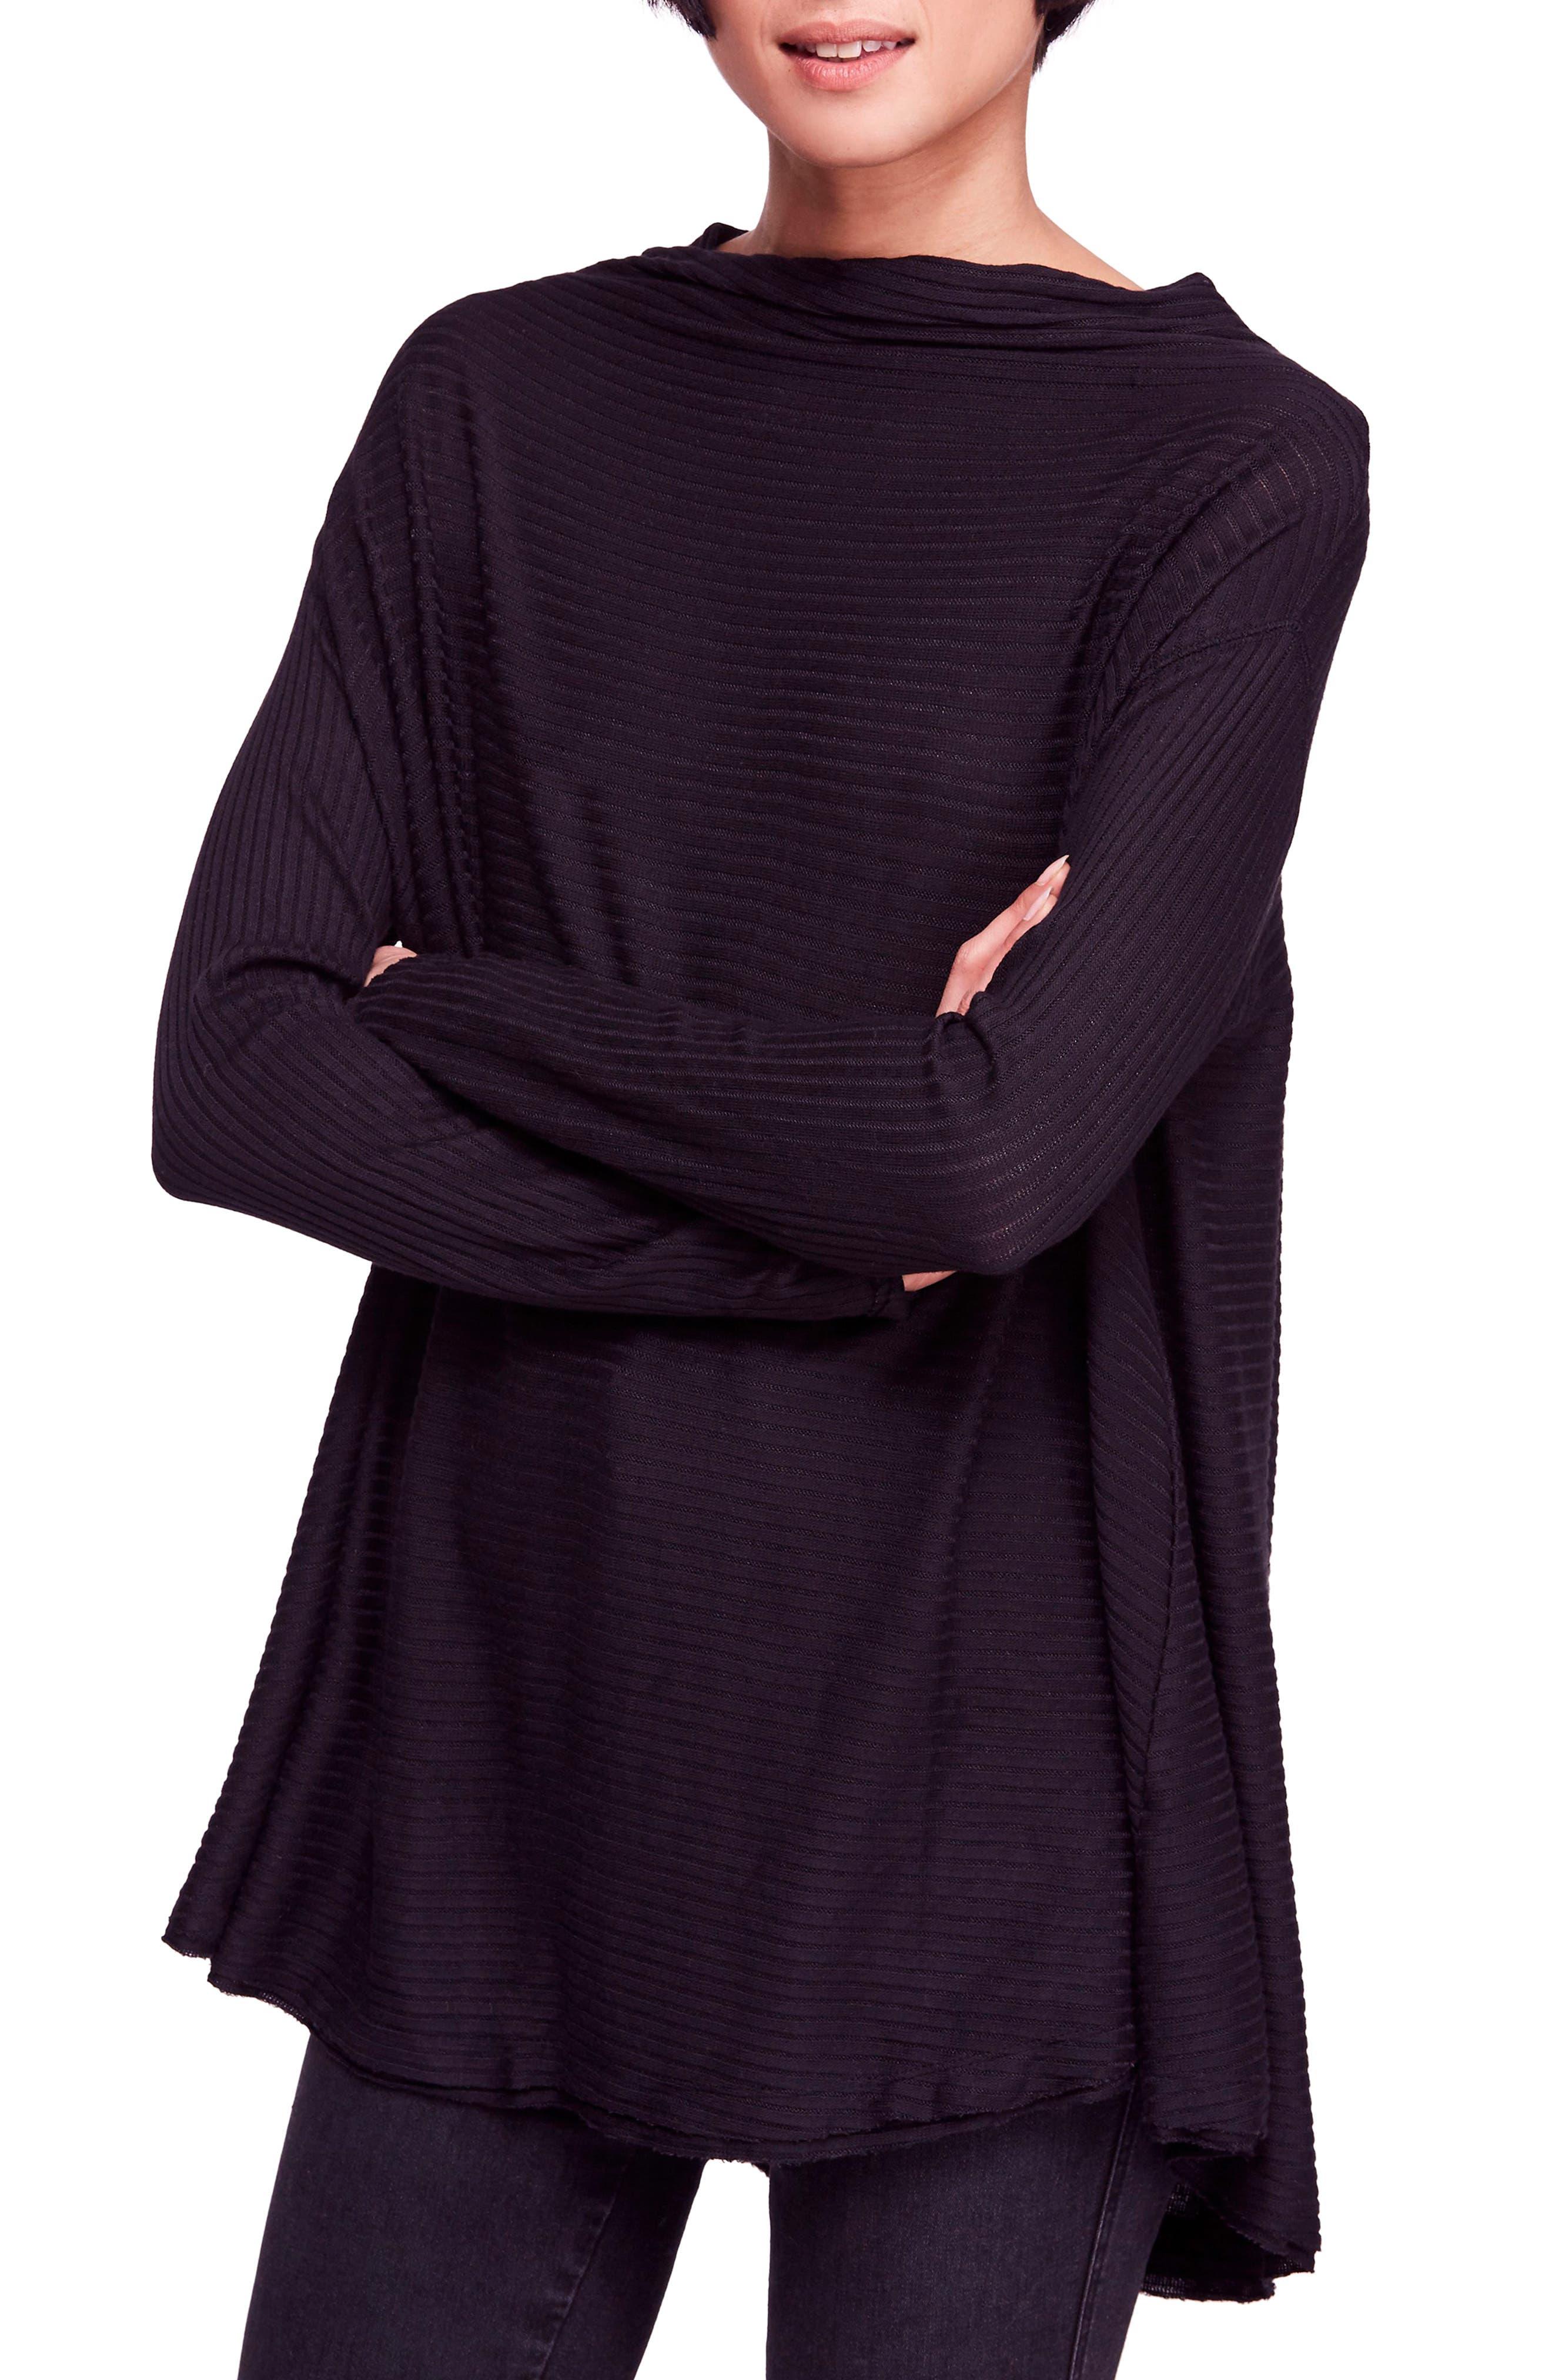 Lover Rib Split Back Pullover,                         Main,                         color, 001